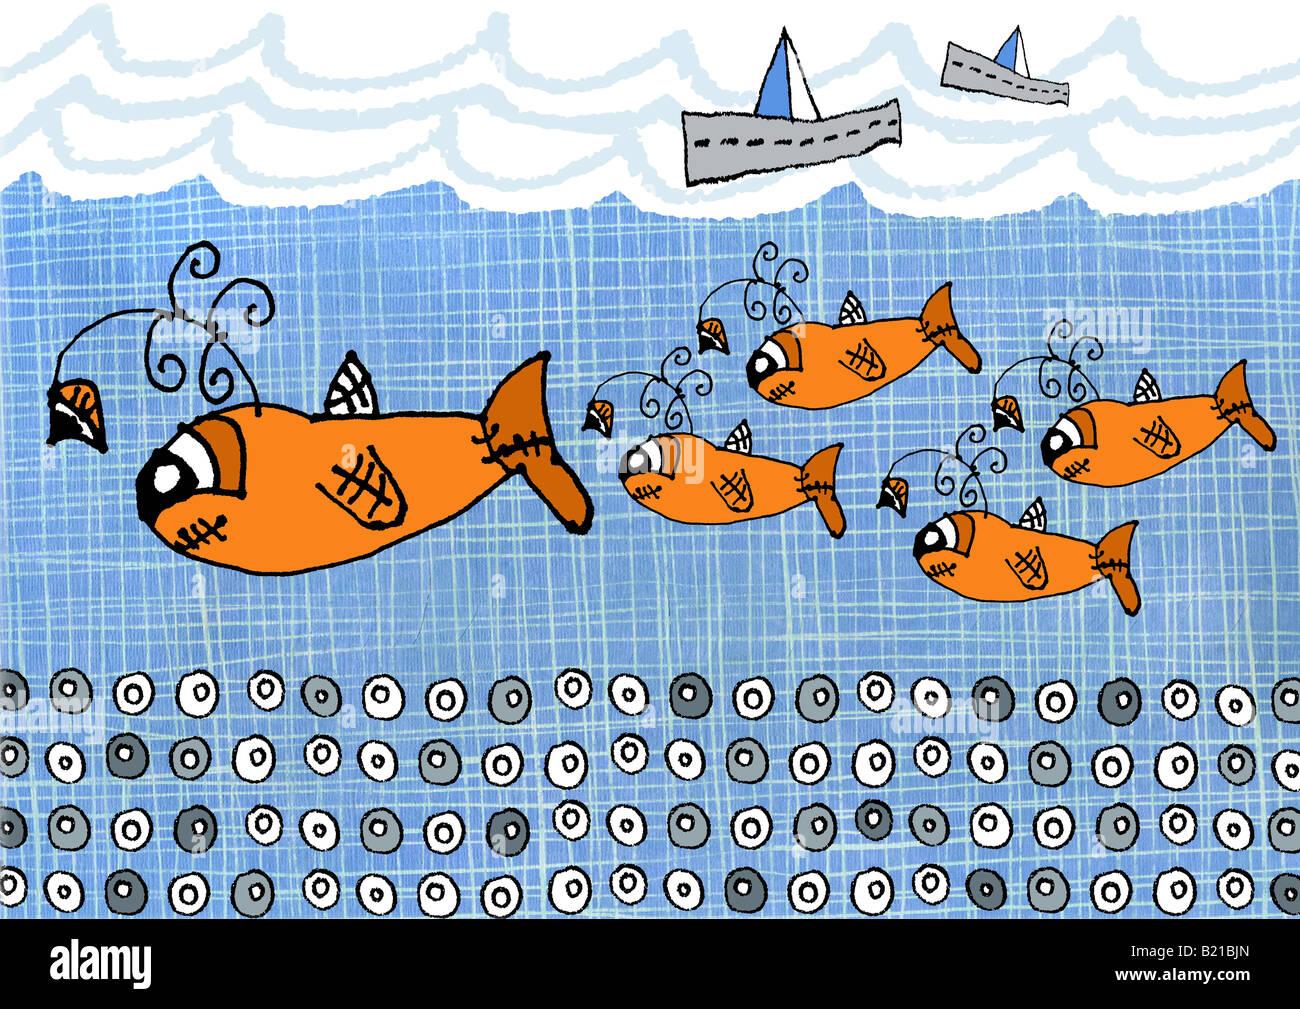 Bambini illustrazioni di stile di pesci a nuotare in mare Immagini Stock